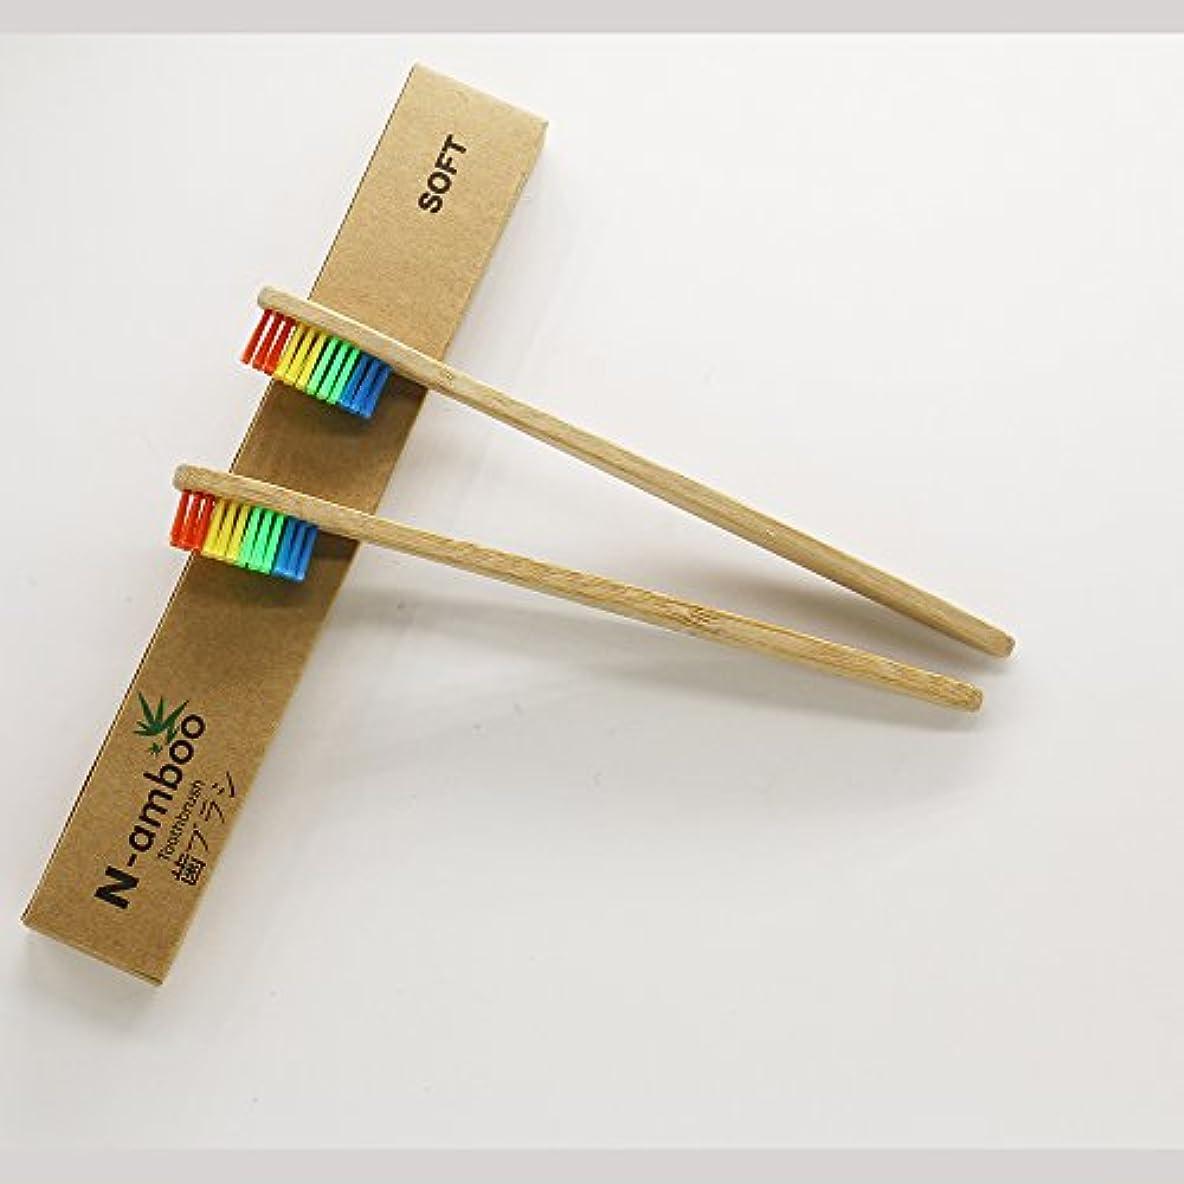 生まれヘルパー旋律的N-amboo 竹製 耐久度高い 歯ブラシ 四色 虹(にじ) 2本入り セット